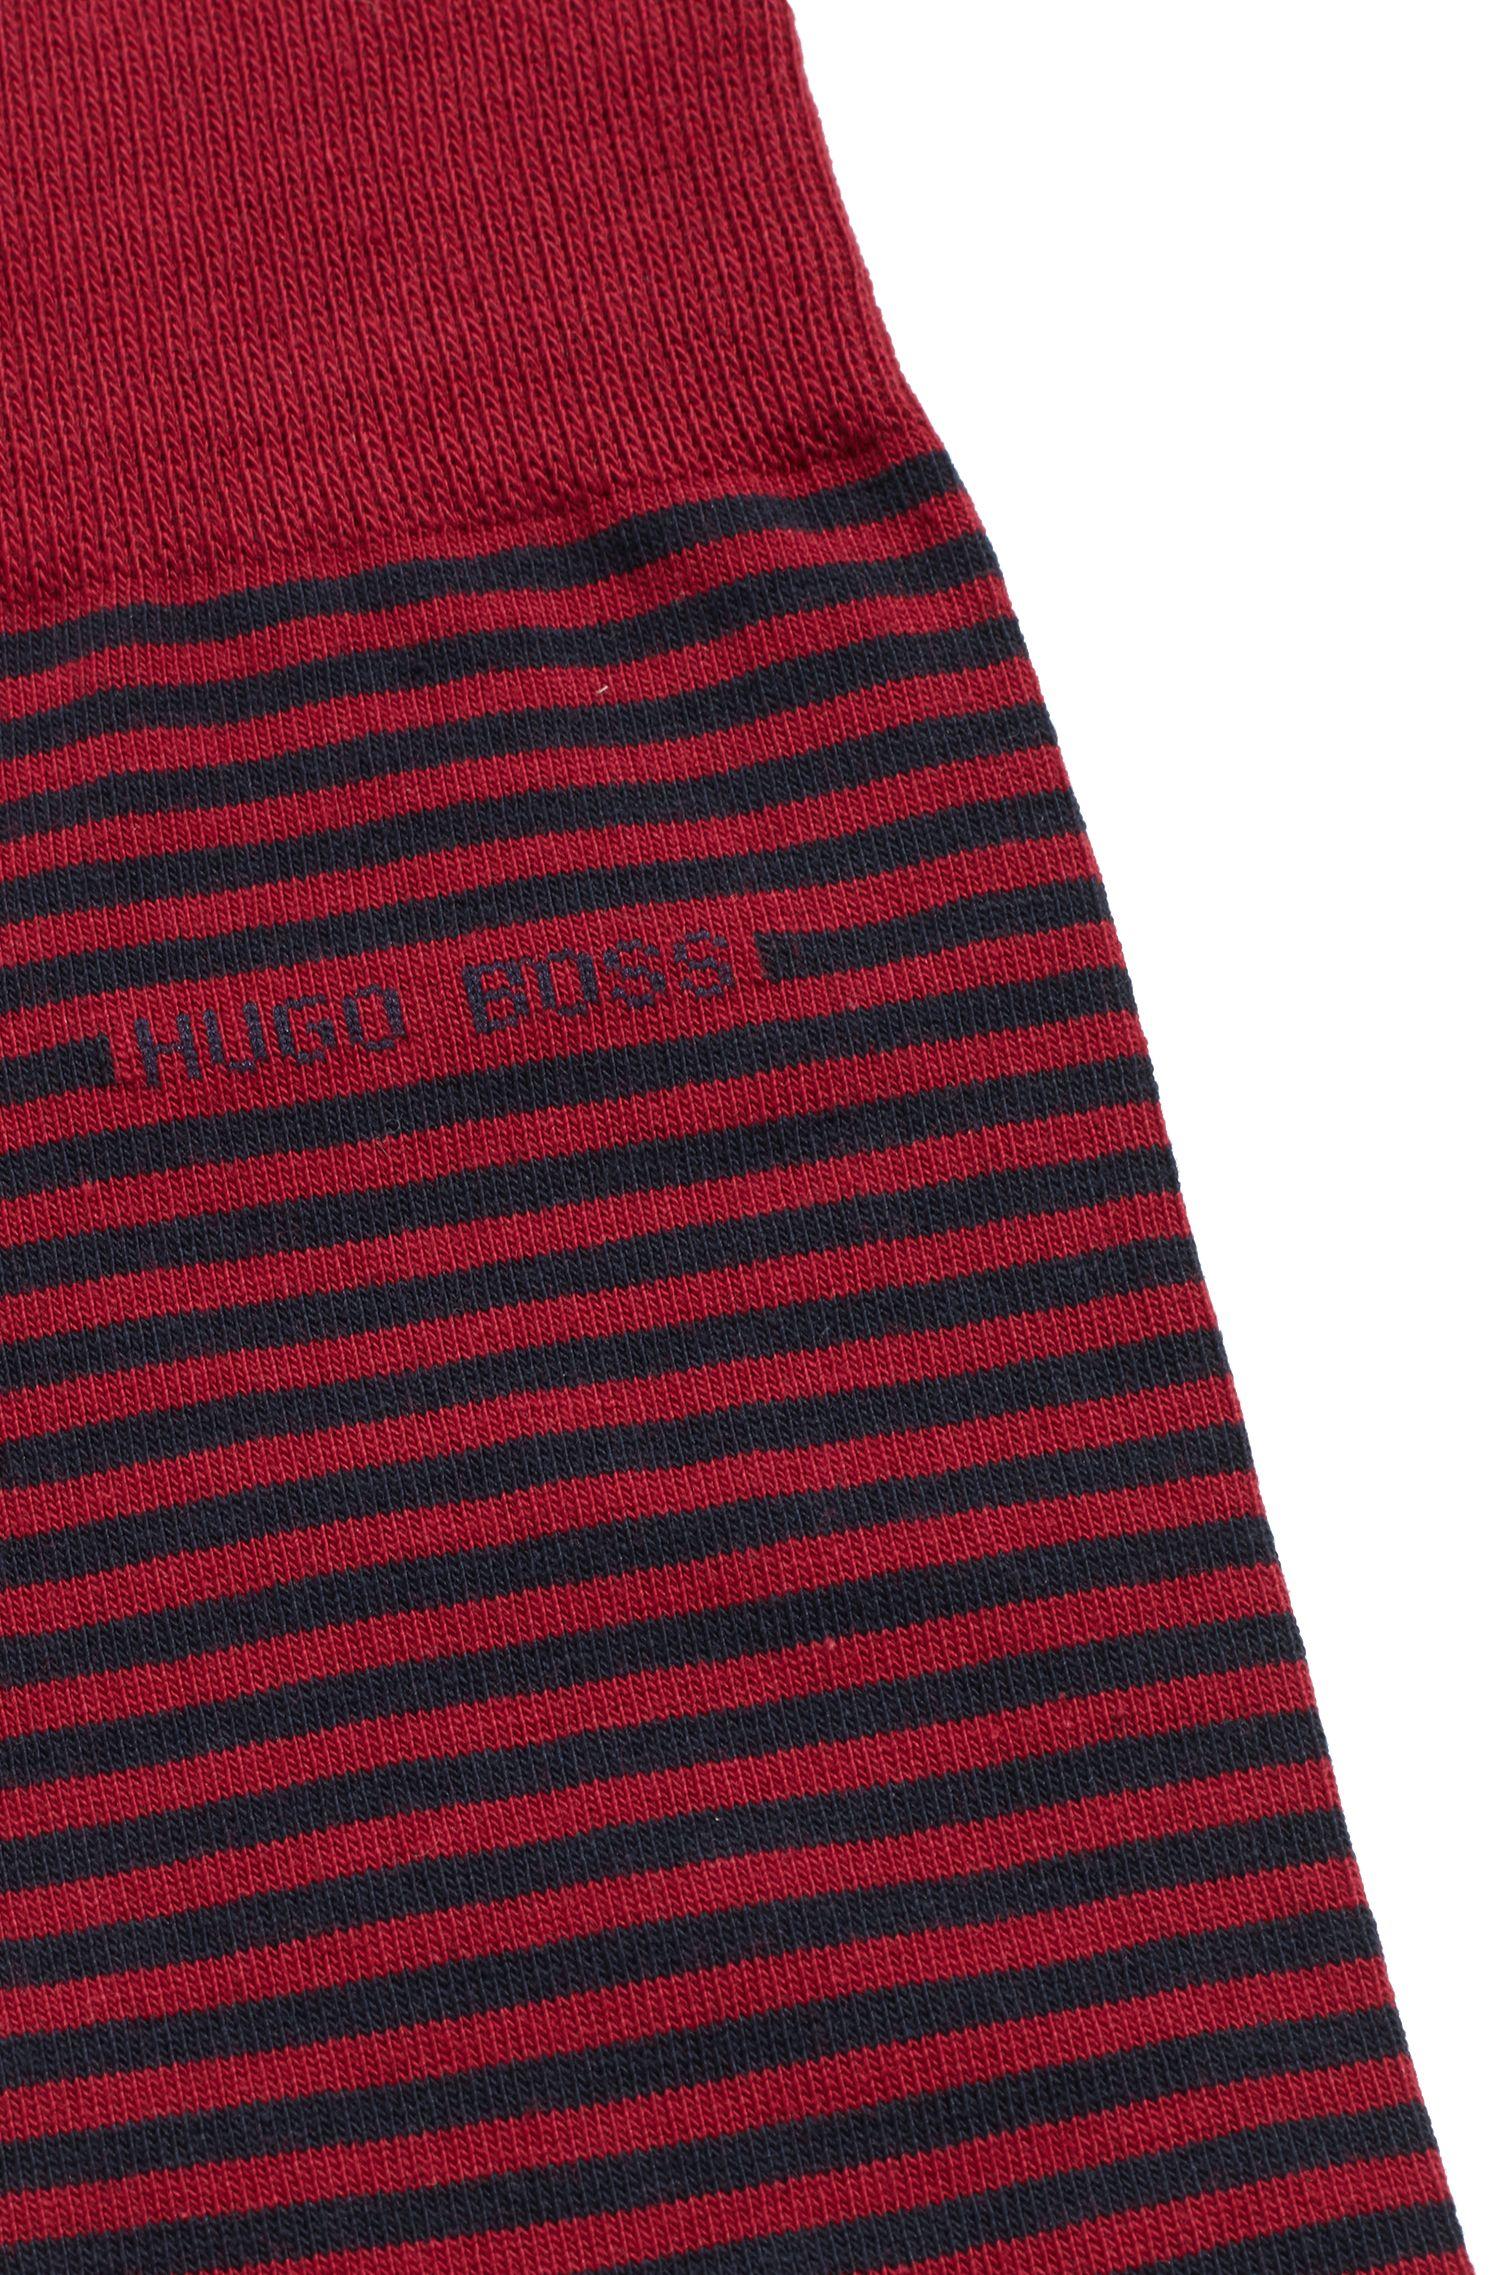 Chaussettes mi-mollet à rayures, en coton peigné stretch, Rouge sombre